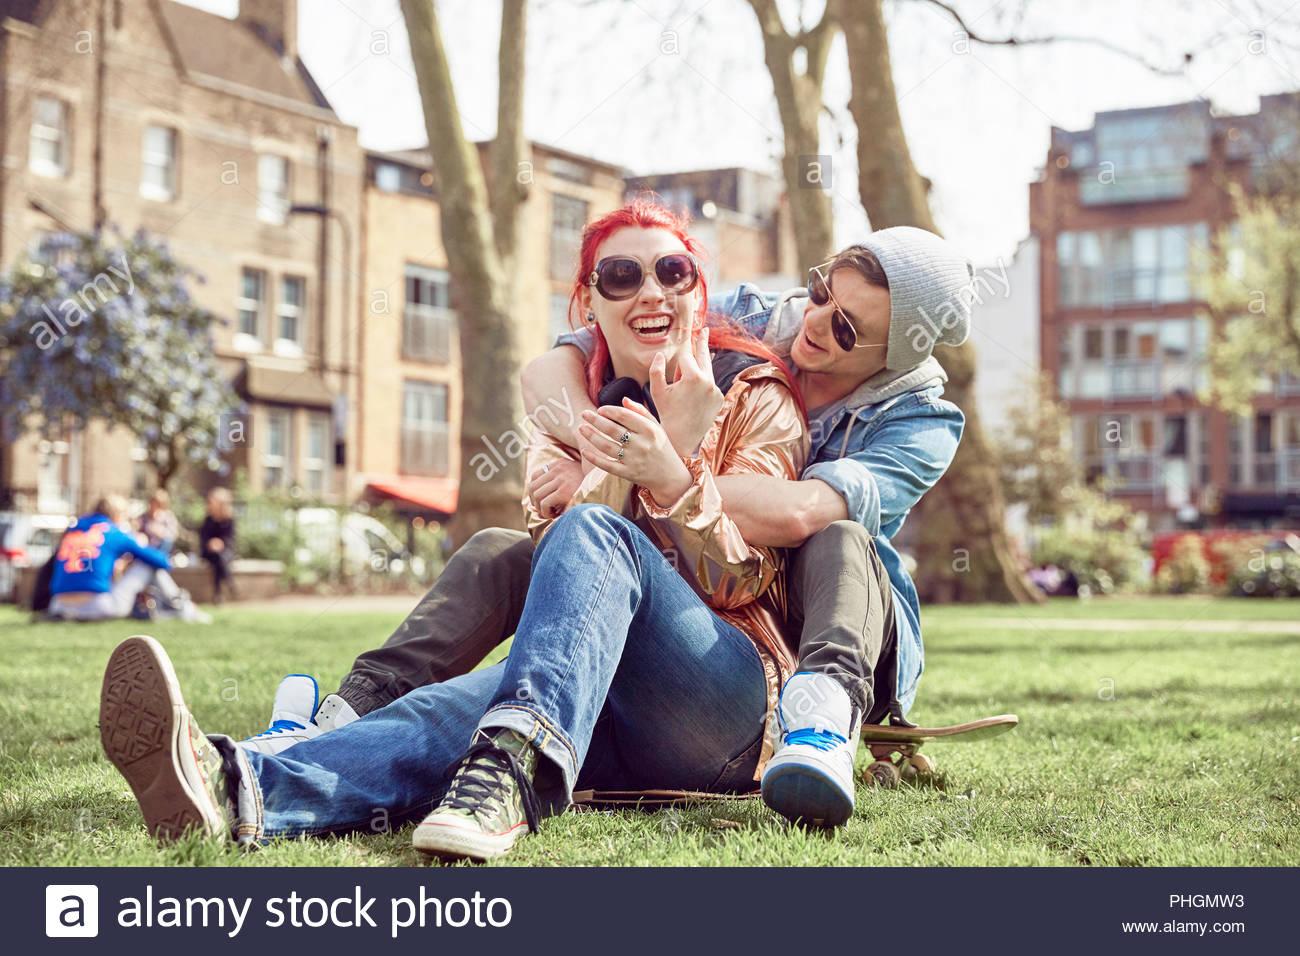 Coppia adolescenti seduti insieme in posizione di parcheggio Immagini Stock